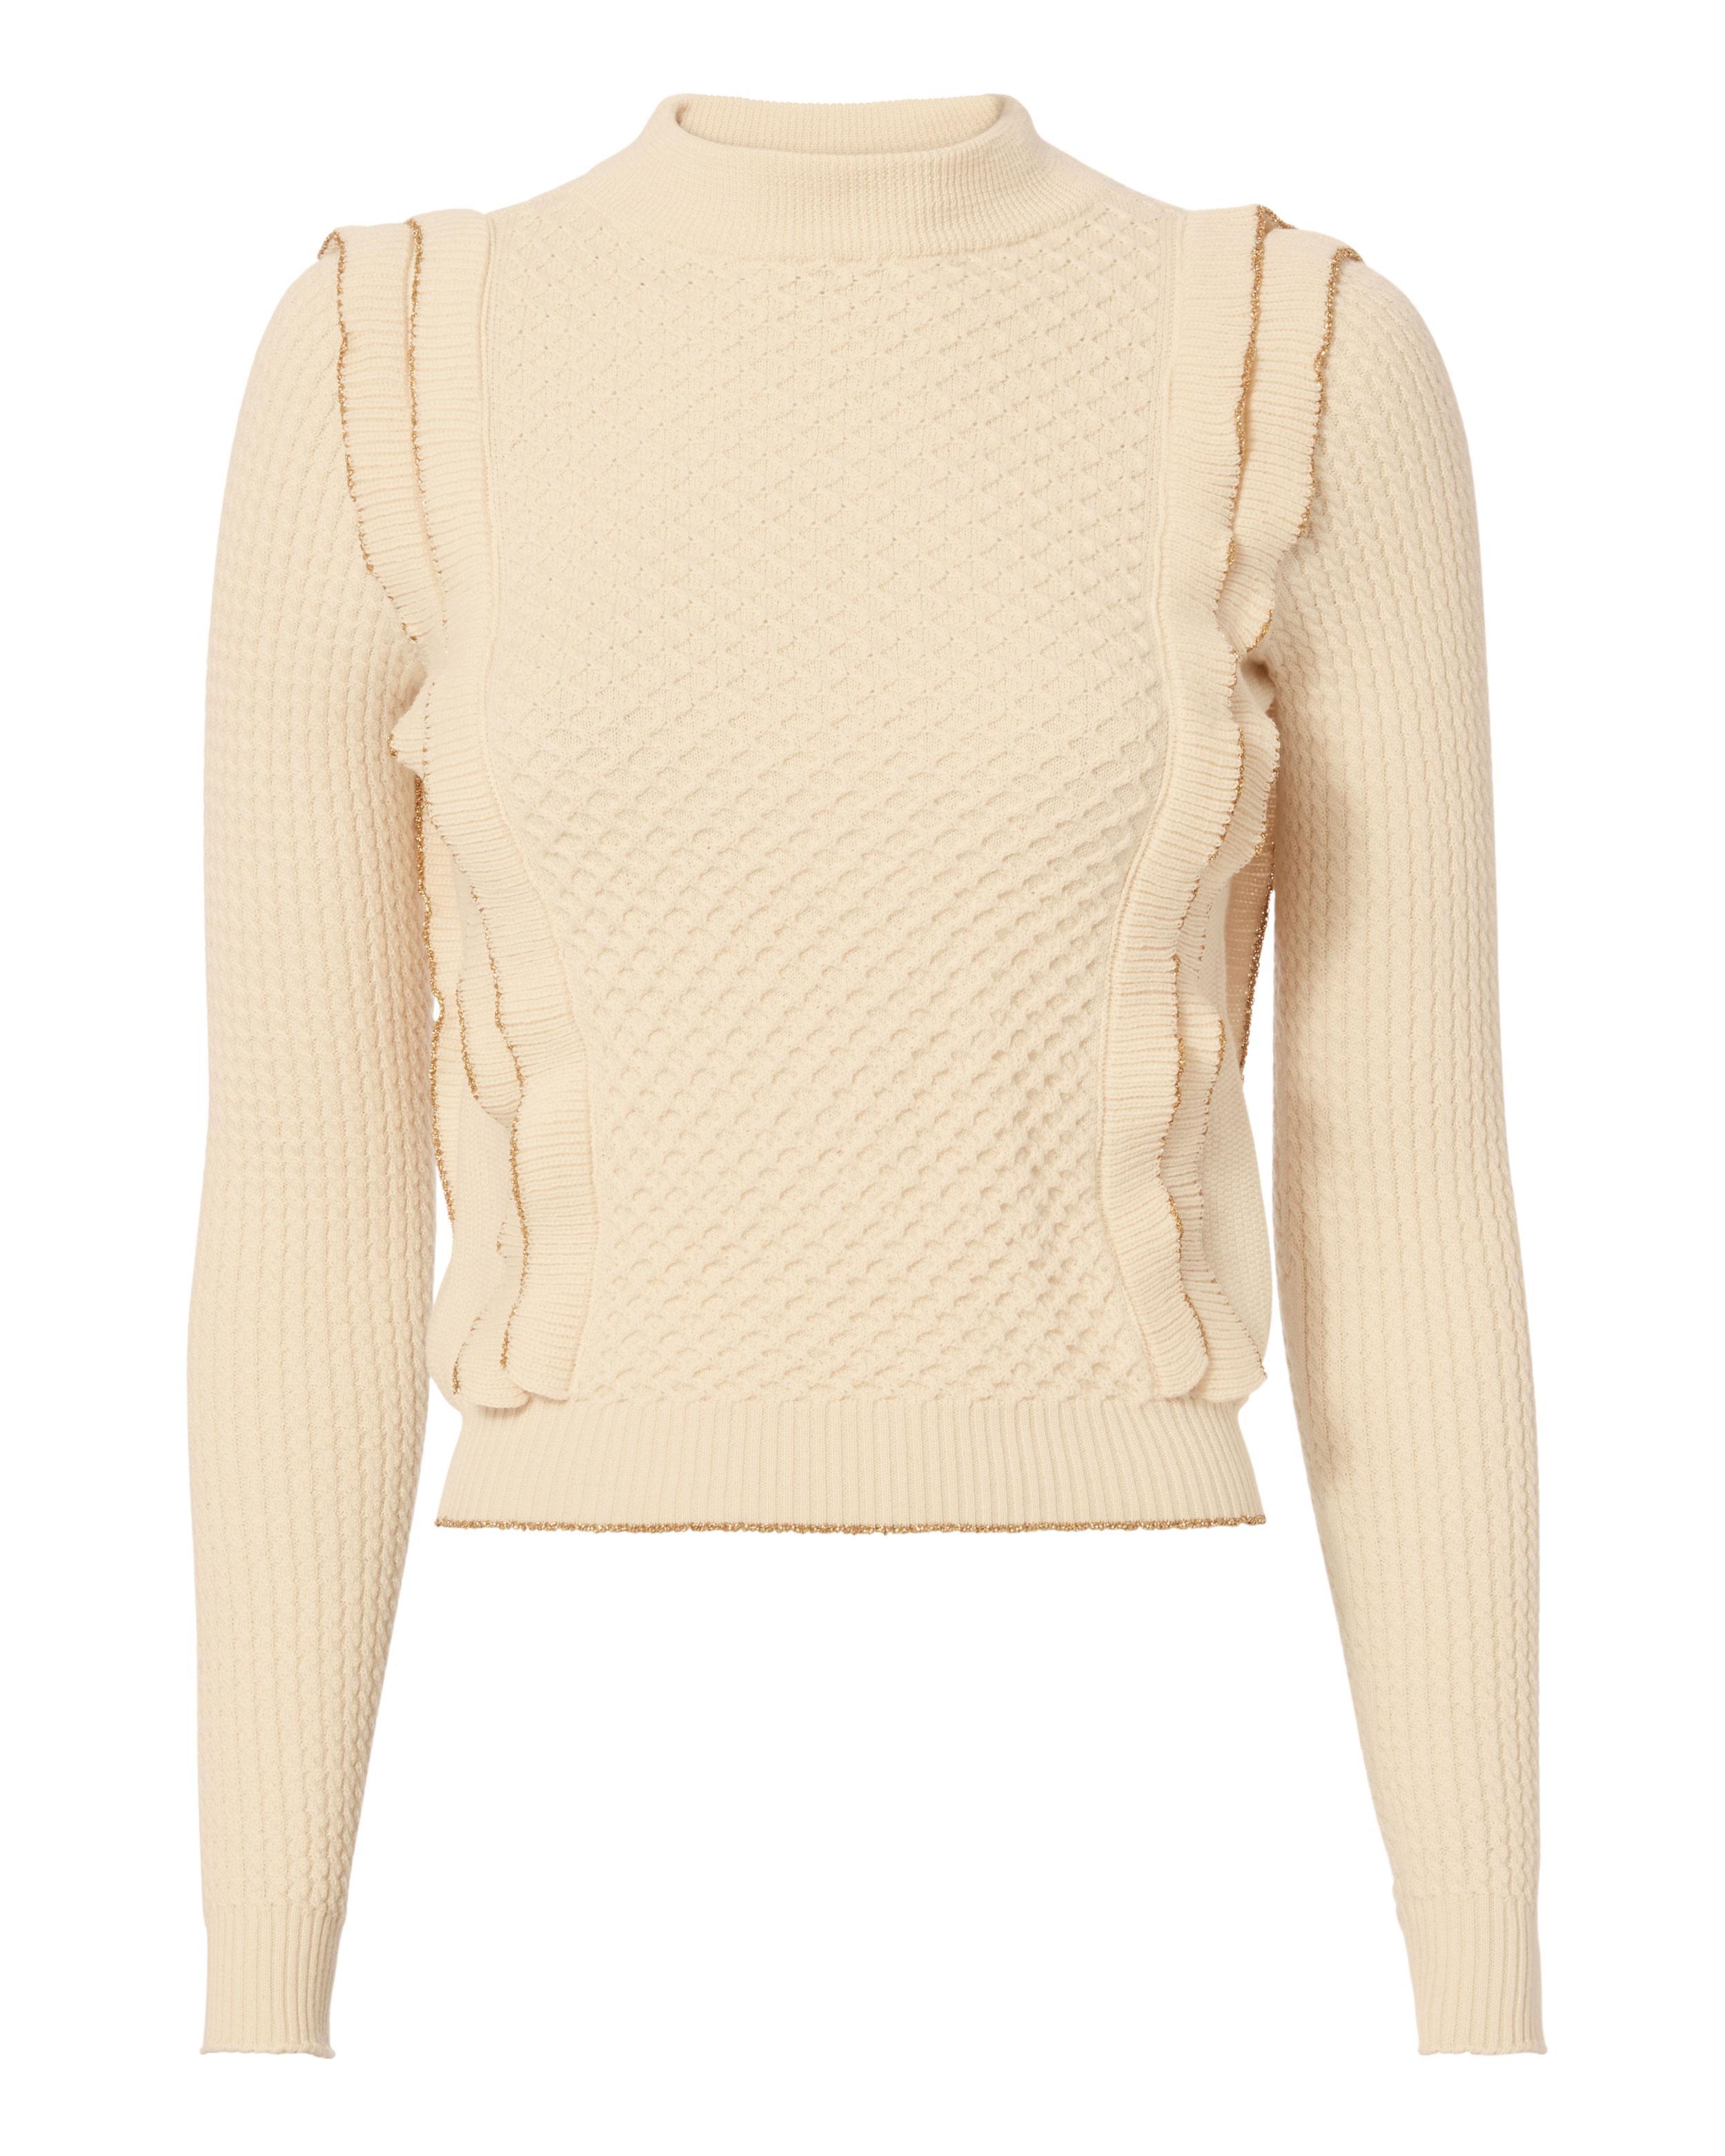 Philosophy di lorenzo serafini Gold Piping Ruffle Knit Sweater in ...